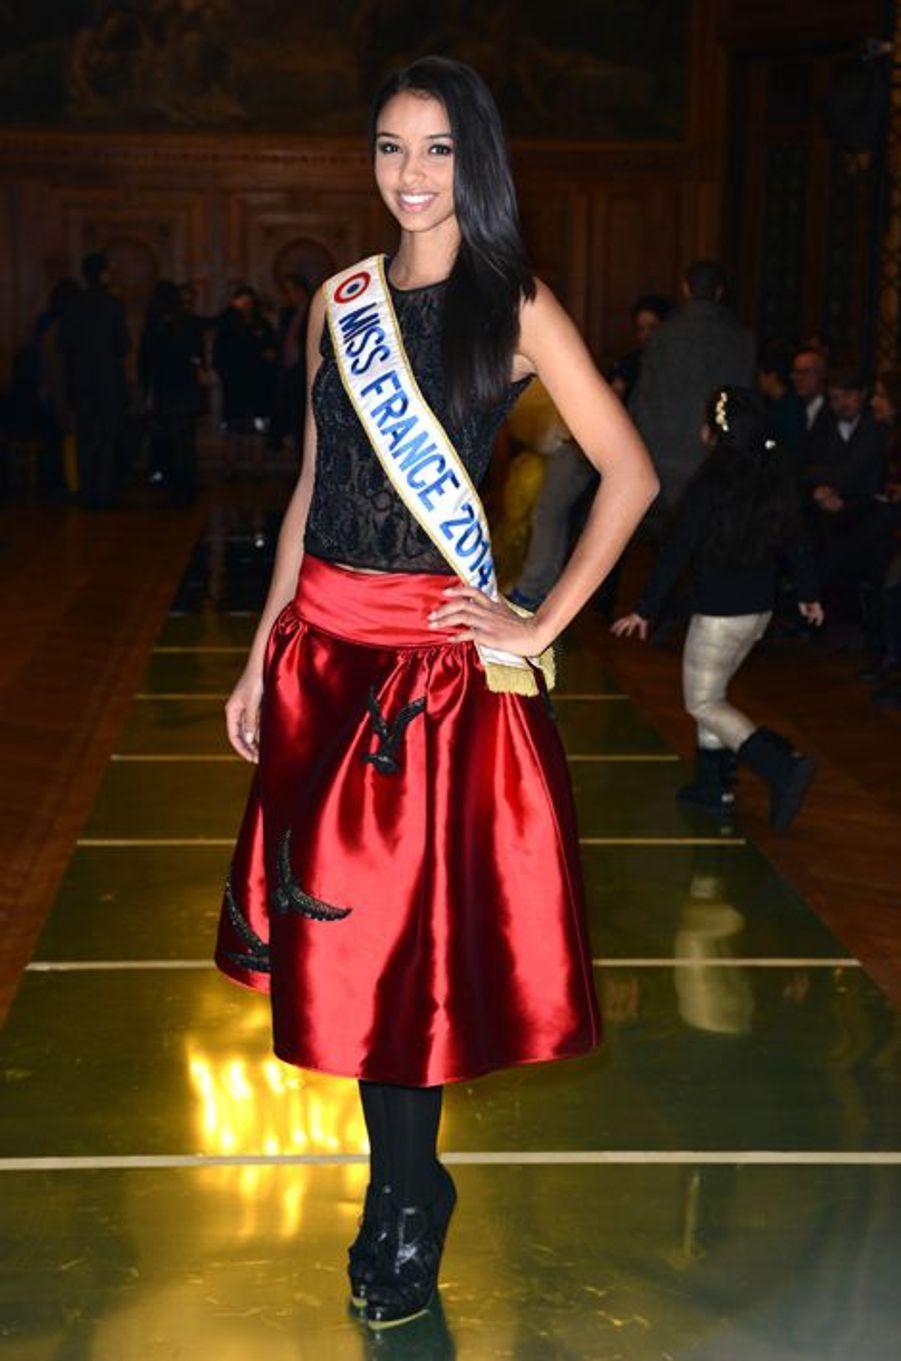 Flora Coquerel au défilé Oscar Carvallo à Paris, le 21 janvier 2014